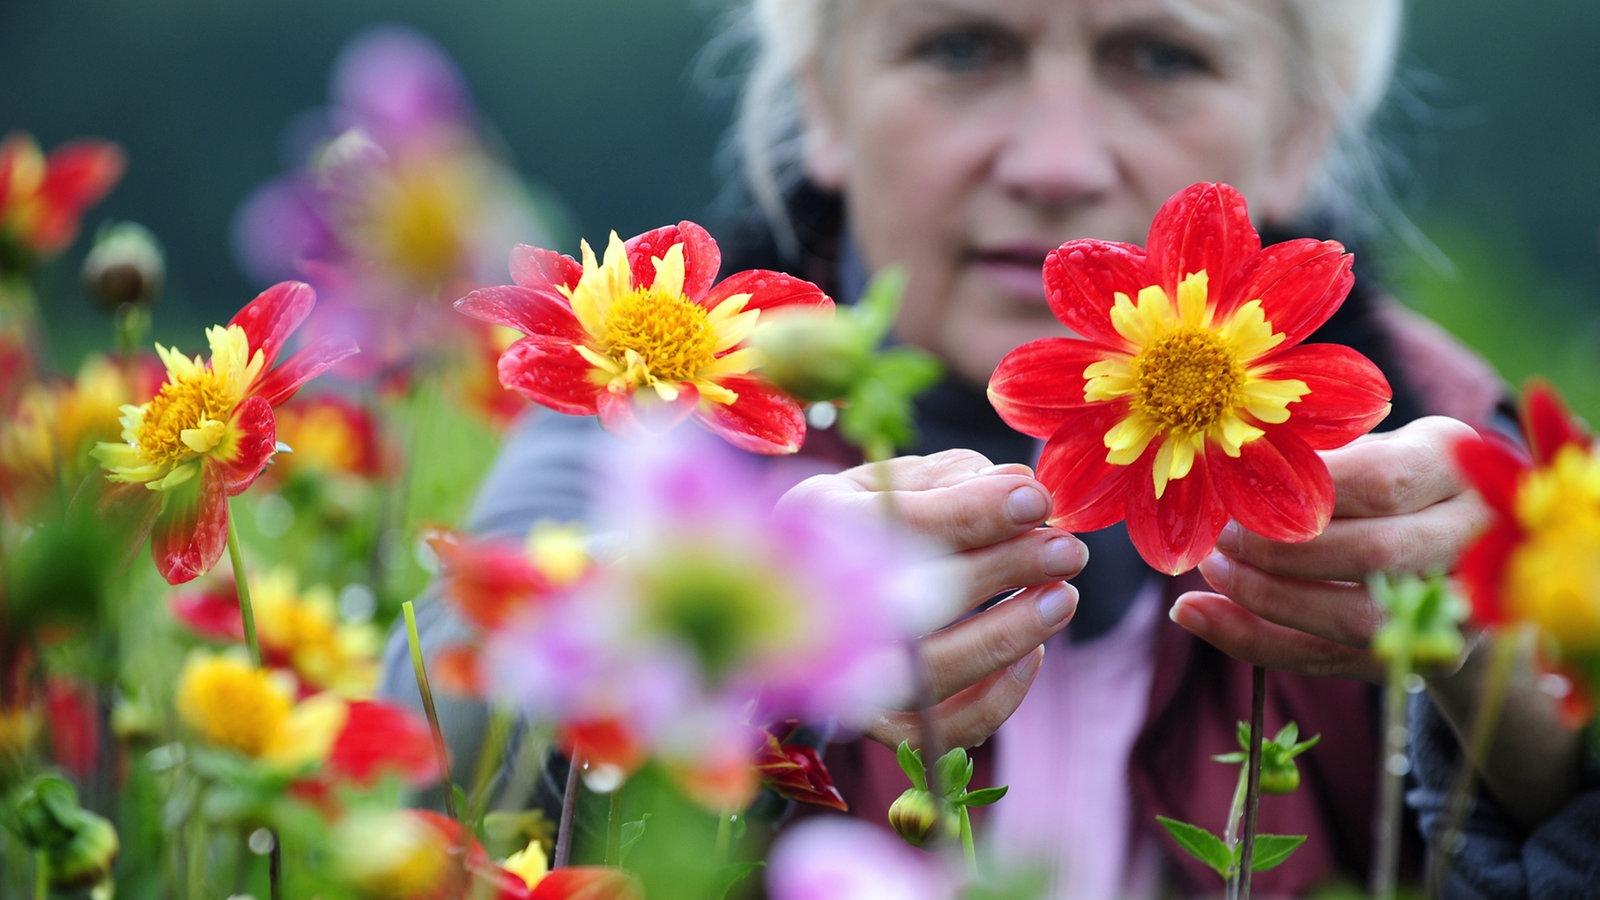 Dahlie: Anbau Und Pflege - Freizeit - Verbraucher - Wdr Dahlien Pflanzen Anleitung Gaertner